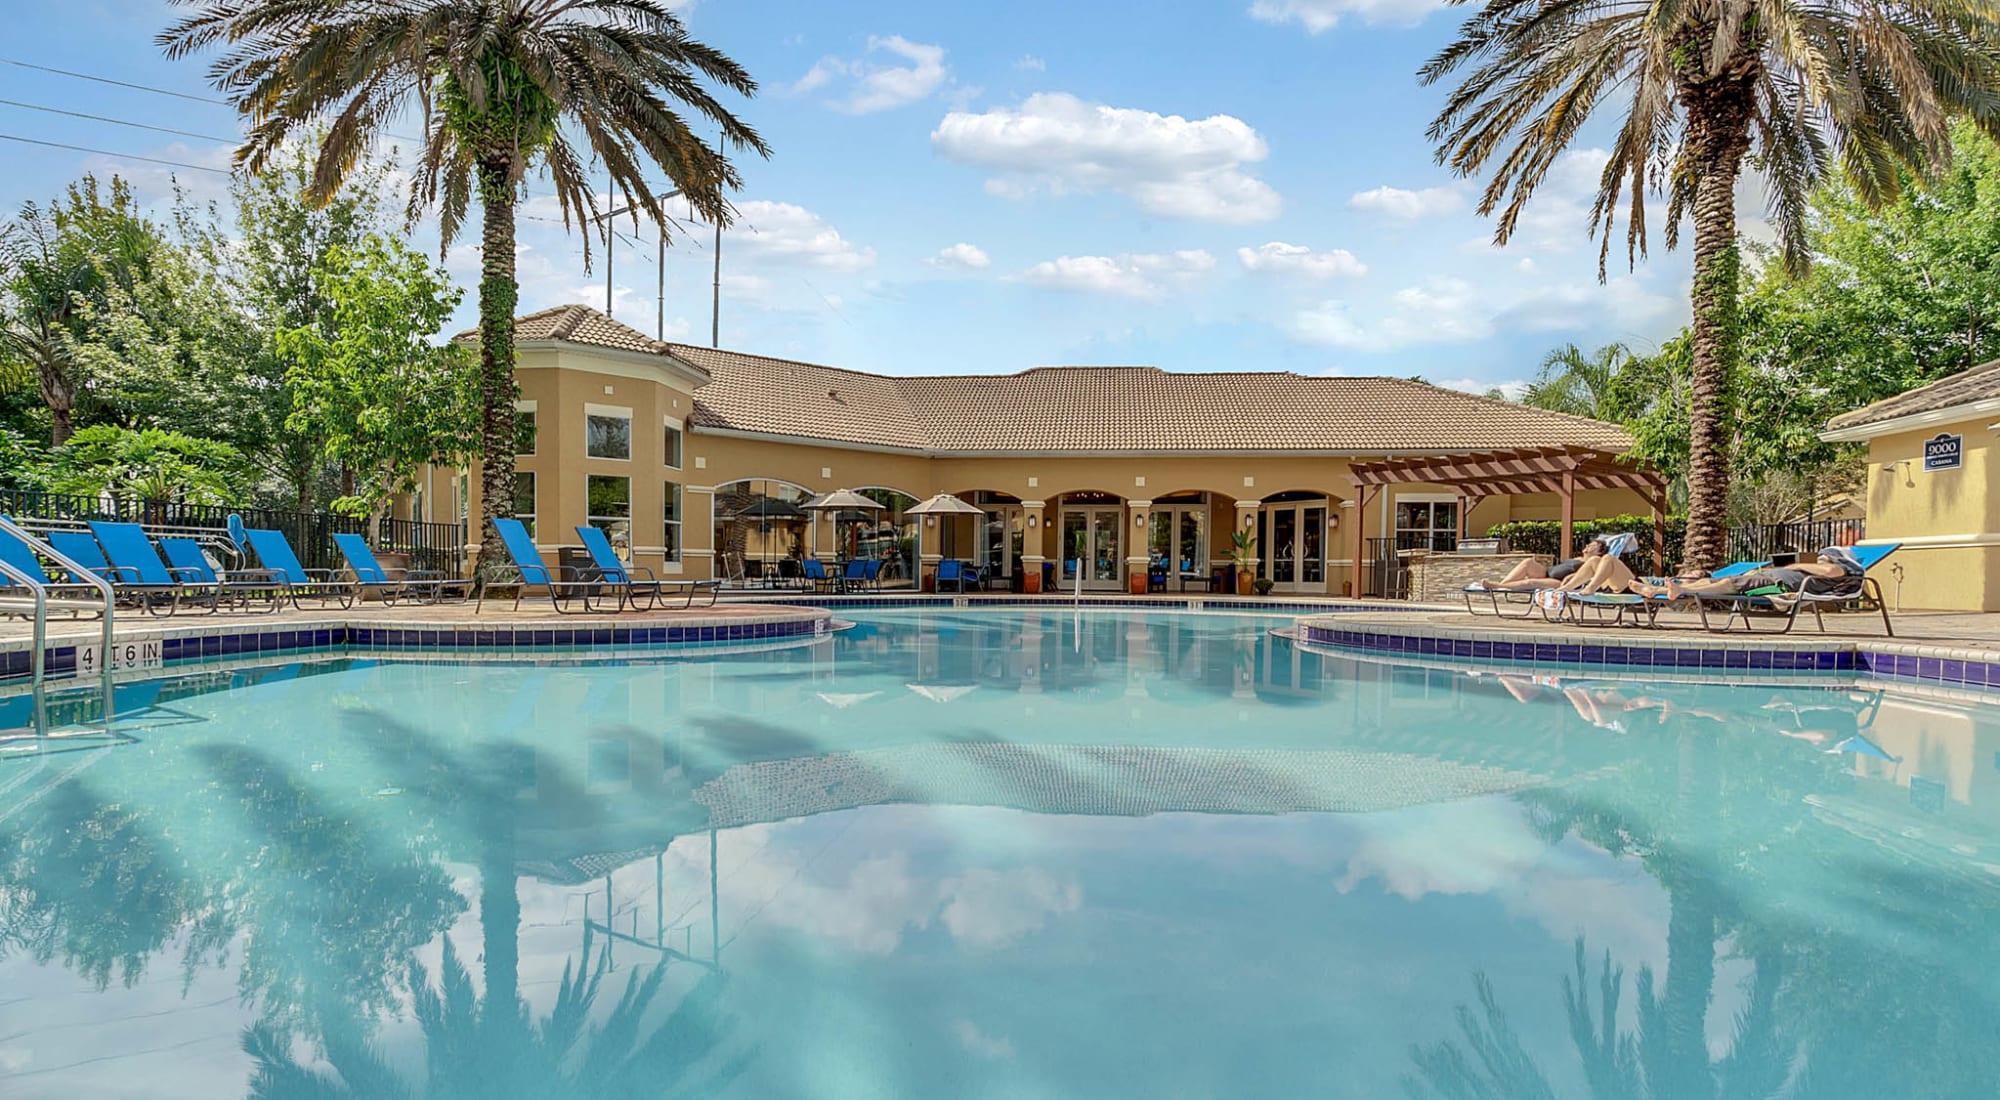 Orlando, Florida apartments at Palms at World Gateway